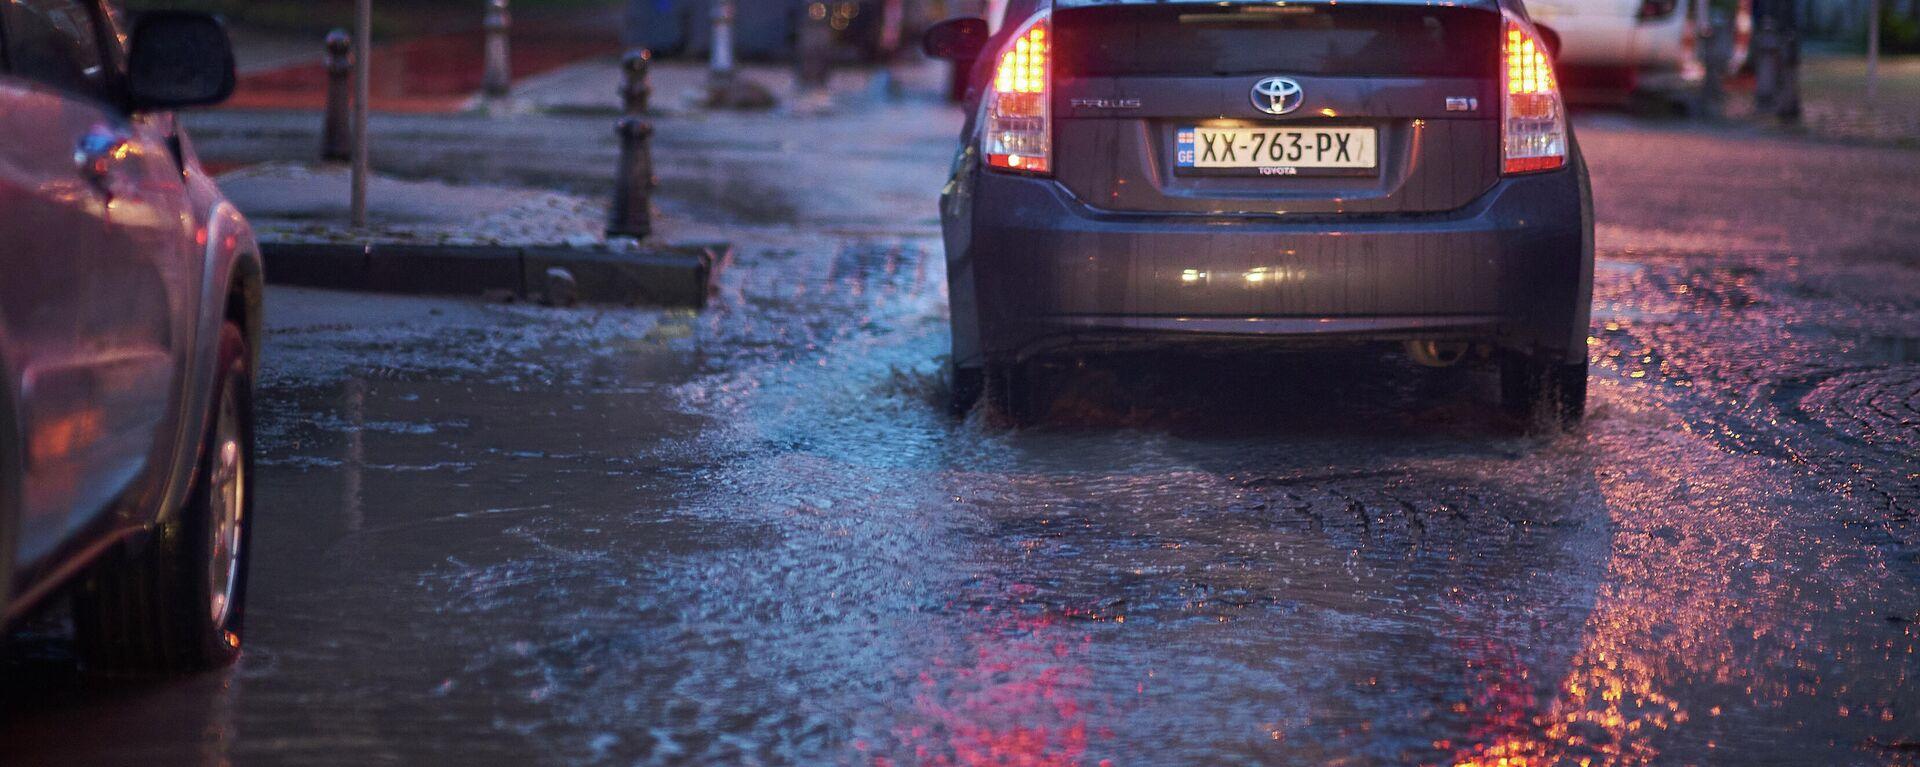 Лужи на дороге после сильного дождя на одной из батумских улиц - Sputnik Грузия, 1920, 24.09.2021